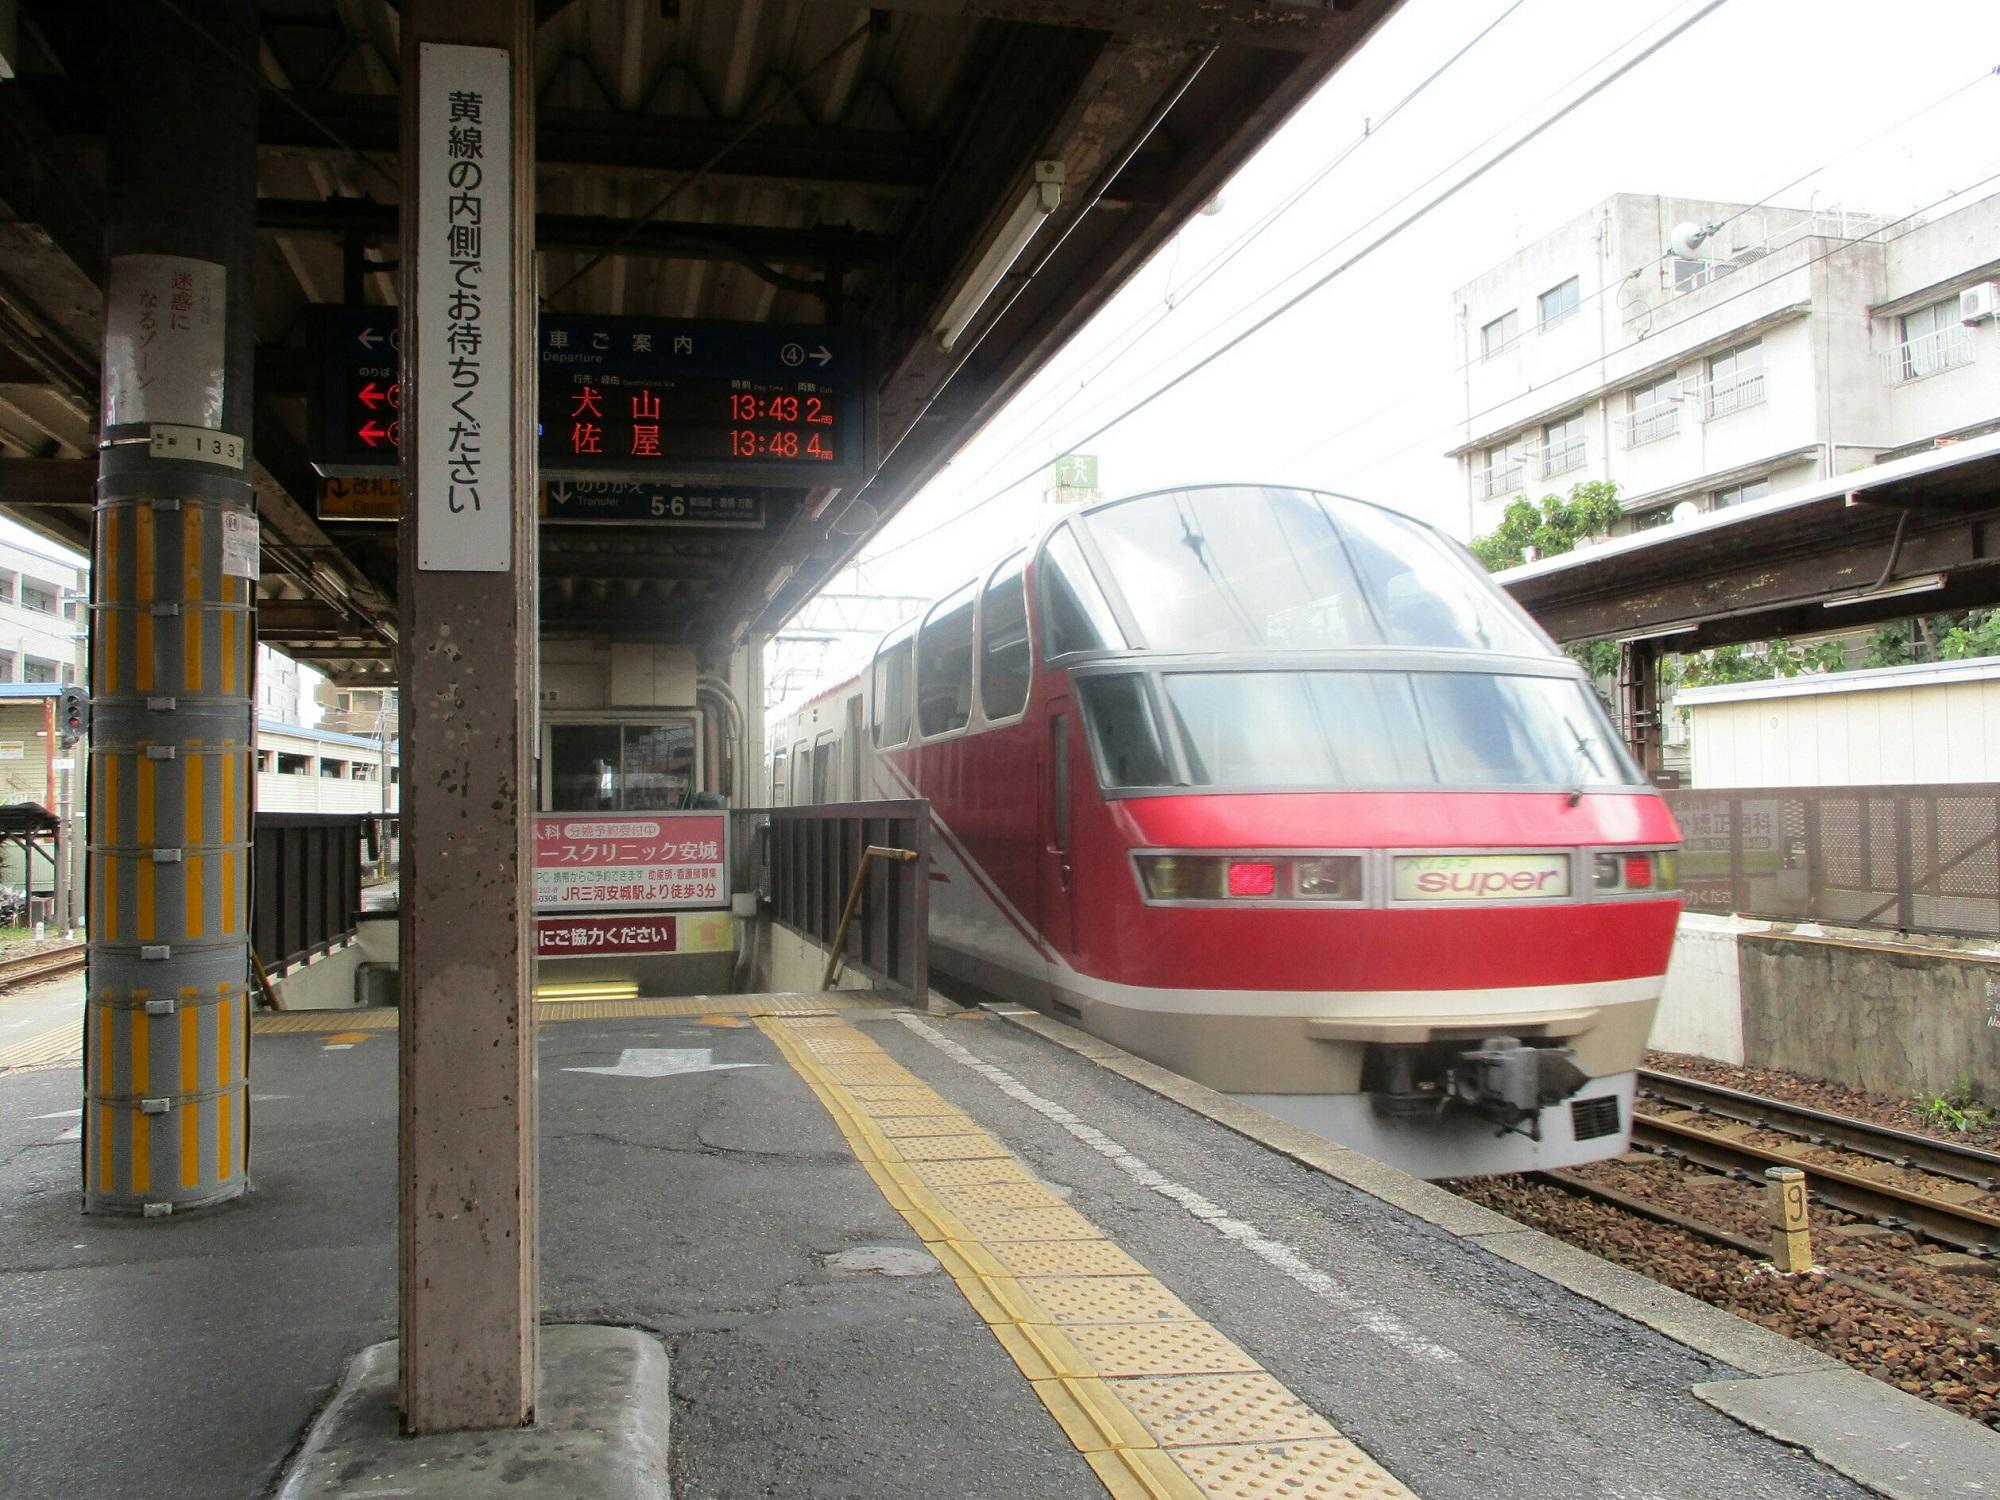 2018.7.29 (22) しんあんじょう - 岐阜いき特急 2000-1500